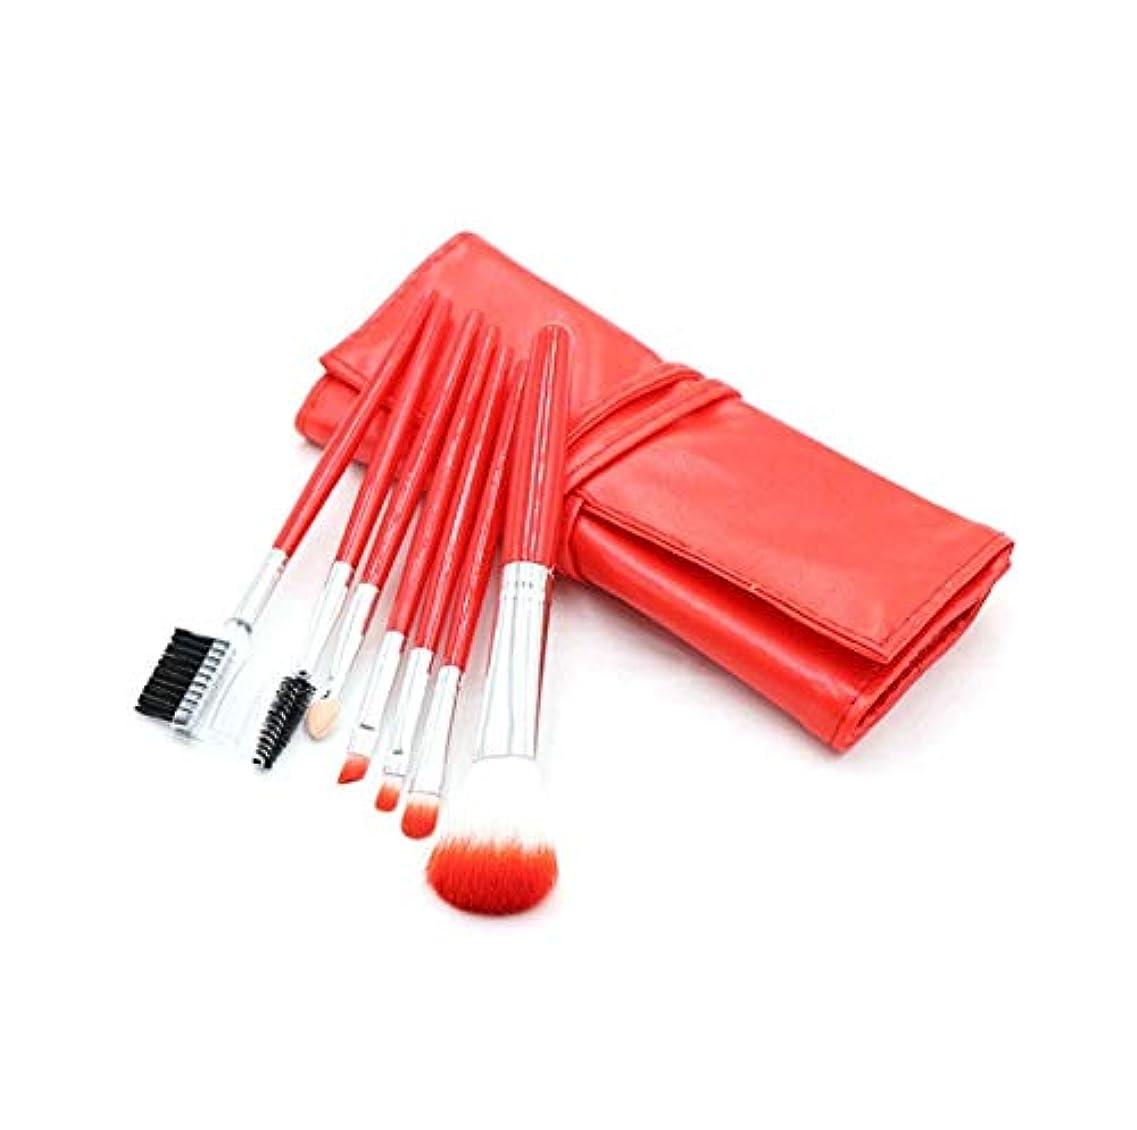 炎上怪物オン化粧ブラシセット、赤7化粧ブラシ化粧ブラシセットアイシャドウブラシリップブラシ美容化粧道具